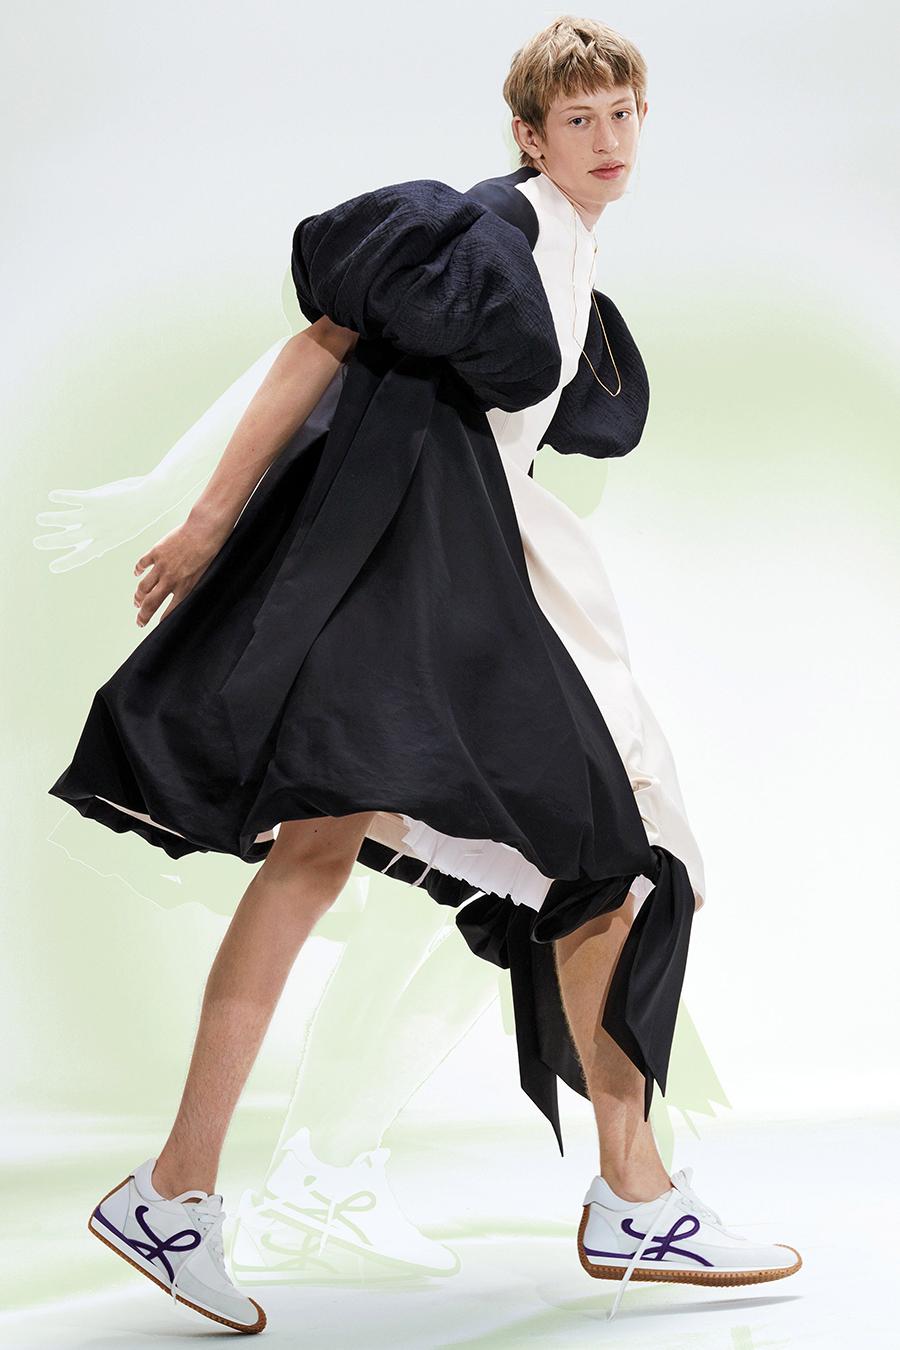 самые модные кроссовки кеды спортивные сандалии женские обувь лето 2021 белые с логотипом